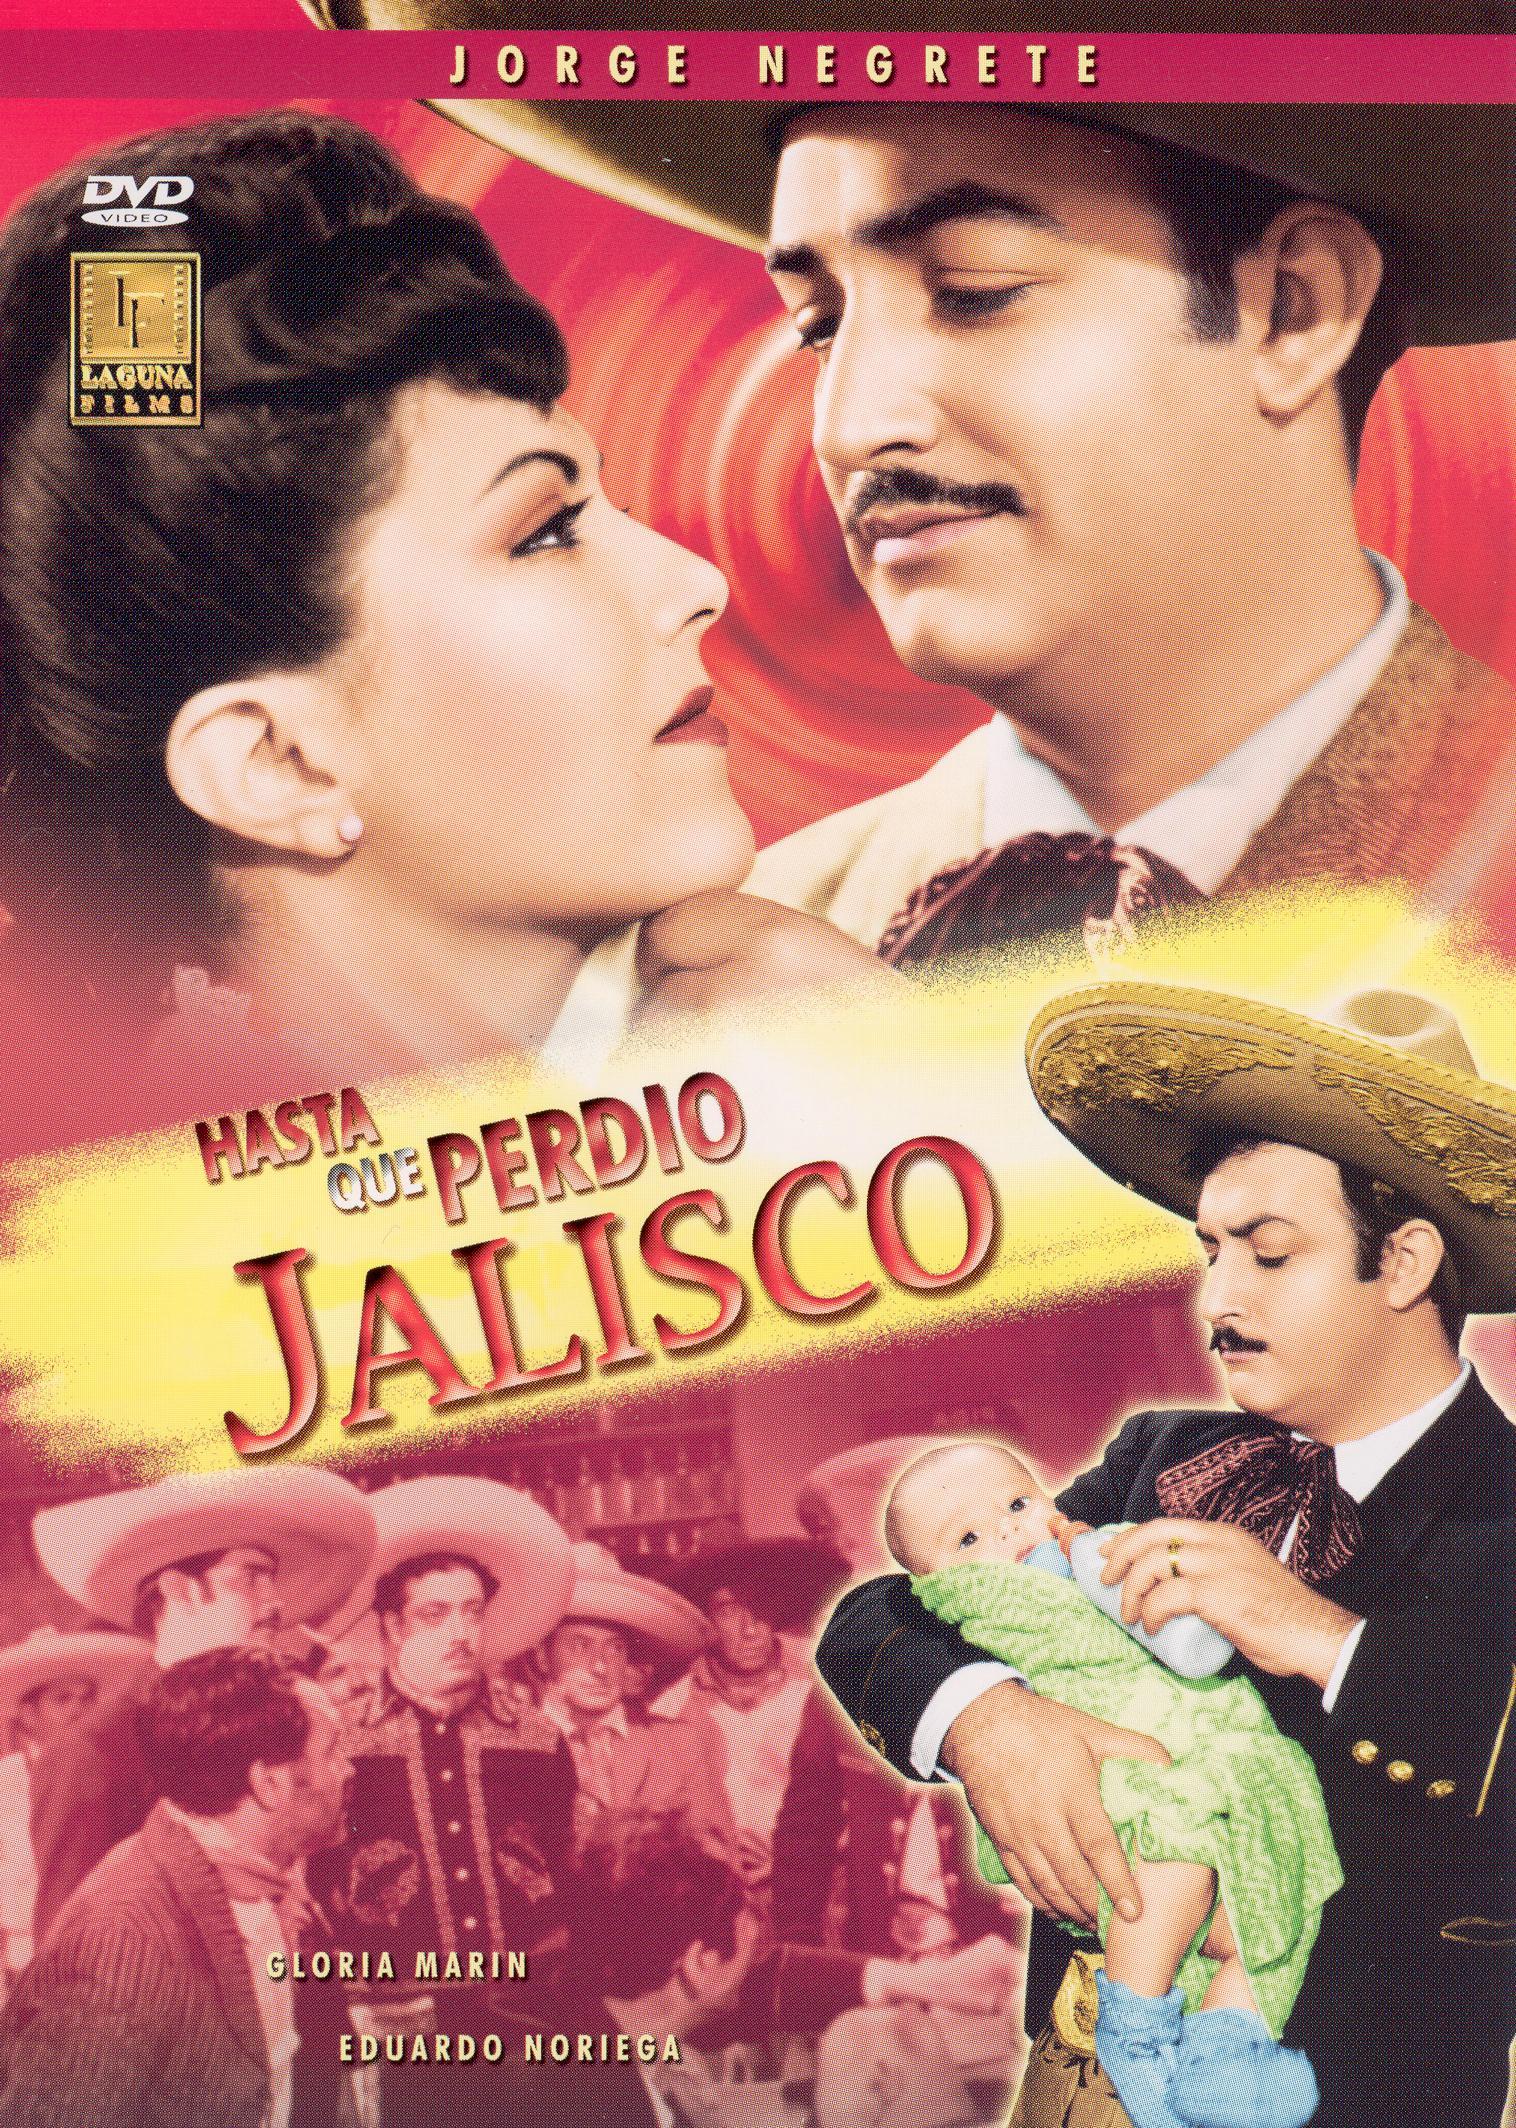 Hasta Que Perdio Jalisco